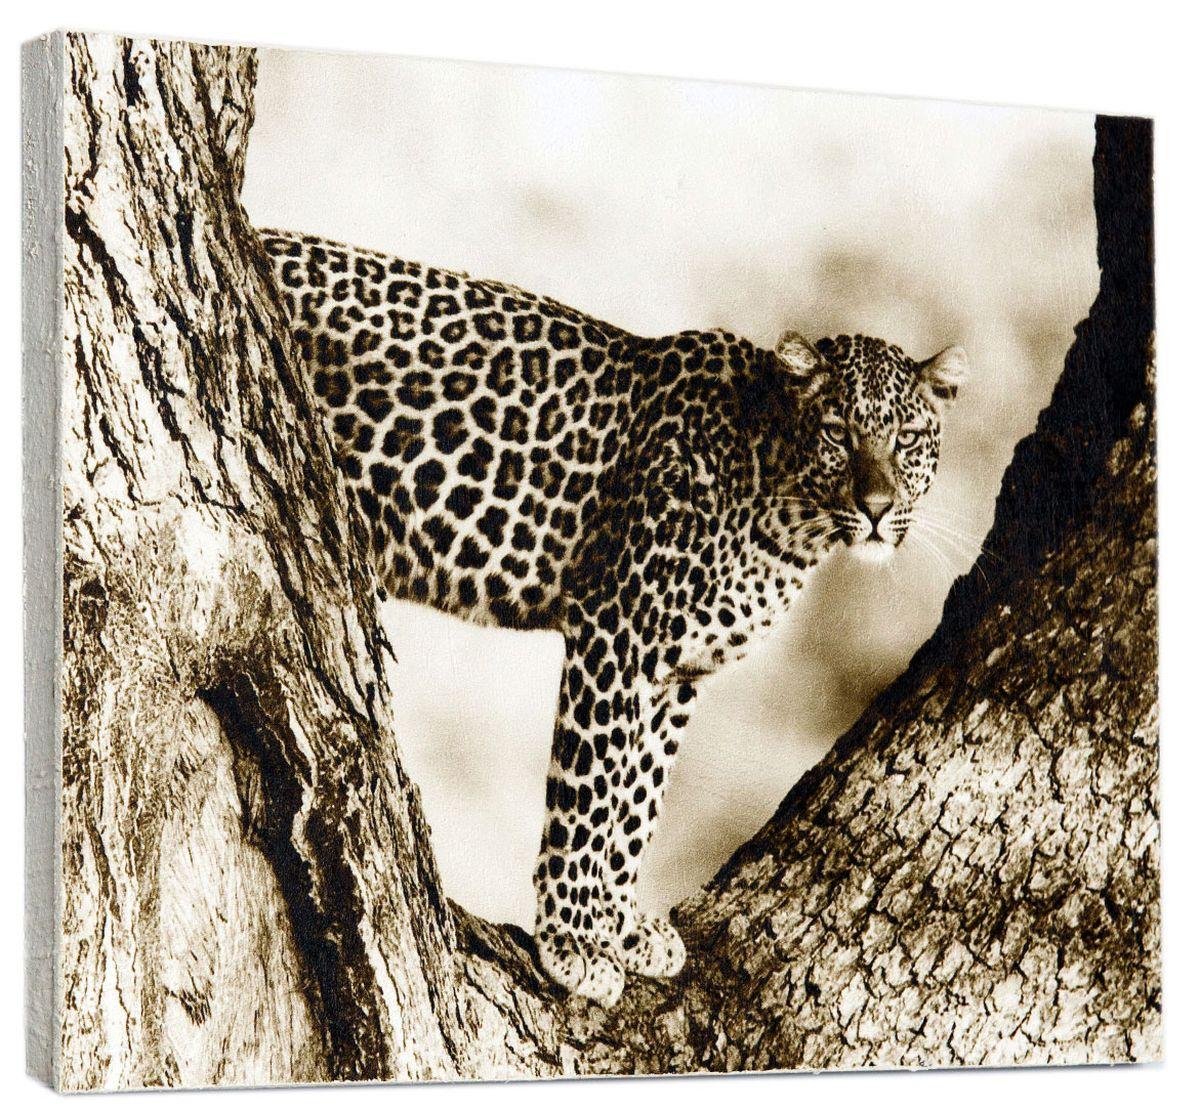 Картина Mister Poster Ягуар на дереве, 30 х 24 см0149-24-30Картина Mister Poster - это высококачественная репродукция на деревянной раме. Лицевая поверхность имитирует штукатурку или натуральный холст, края окрашены вручную специальным декоративным составом.Современные технологии, уникальное оборудование и оригинальные чернила, используемые при изготовлении, делают постер устойчивым к выцветанию, а также гарантируют стойкость к воздействию негативных внешних факторов. Интерьер дома и офиса, в котором находится человек, в значительной степени влияет на его настроение и работоспособность. Правильное оформление интерьера создает благоприятный психологический климат, улучшает настроение и мотивирует. Добавьте «красок» в ваш интерьер и, возможно, в вашу жизнь.